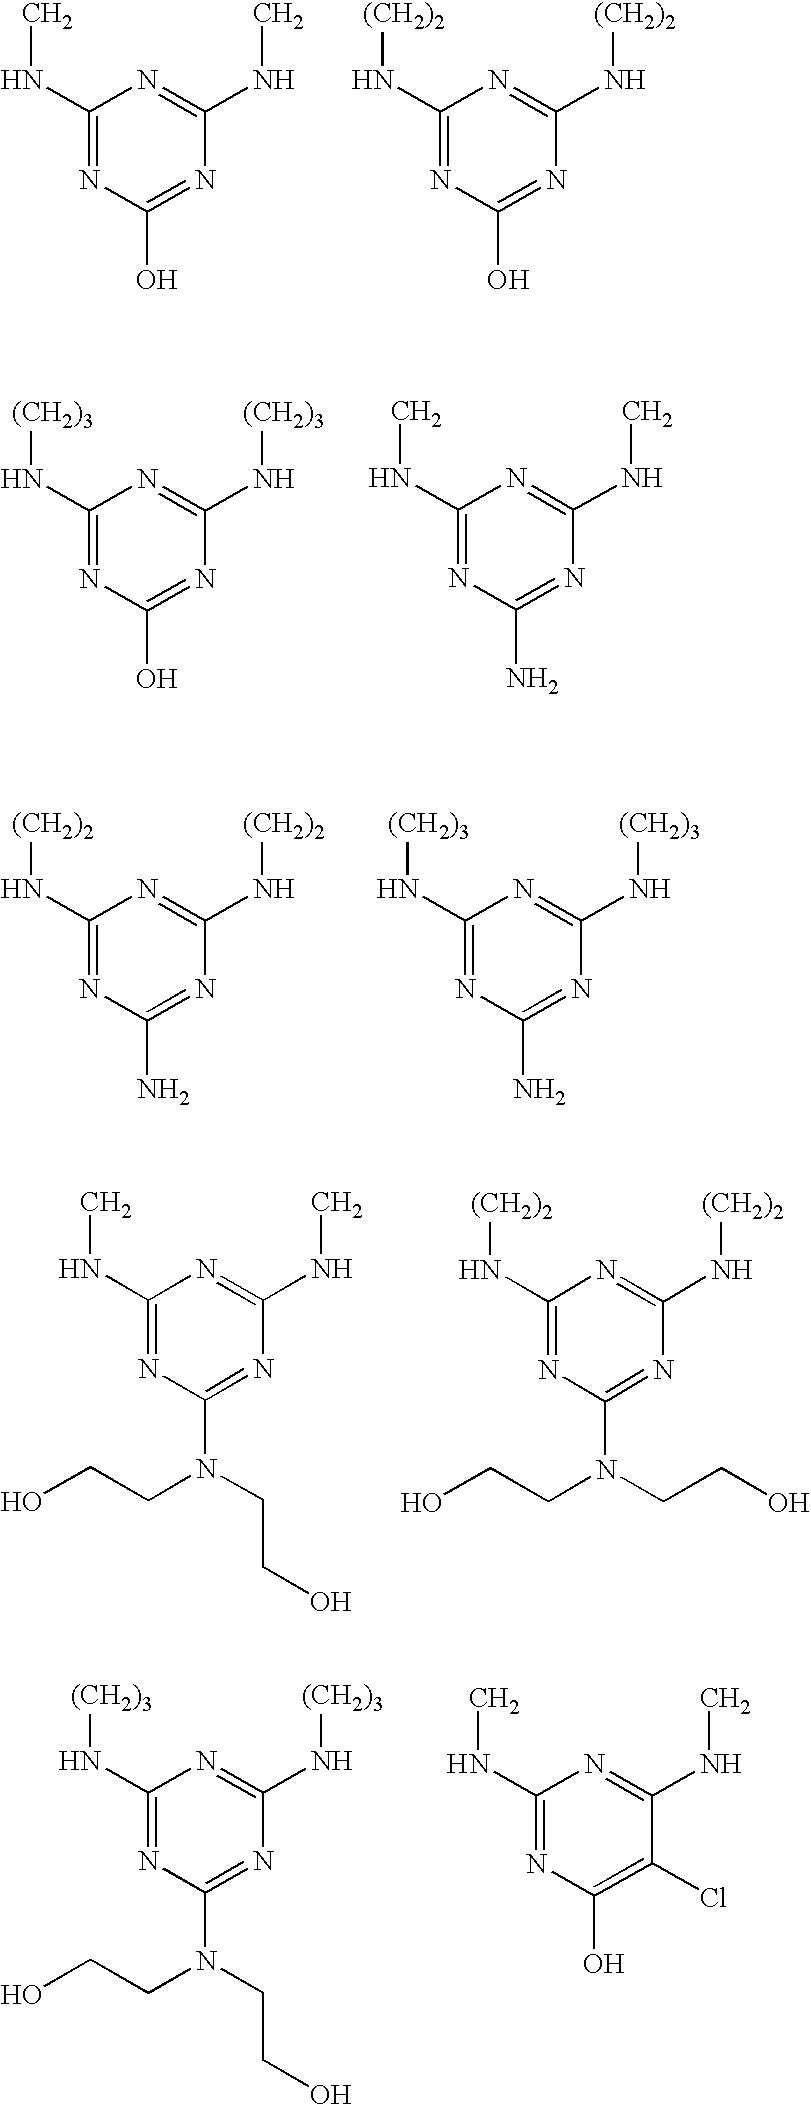 Figure US20050031563A1-20050210-C00006